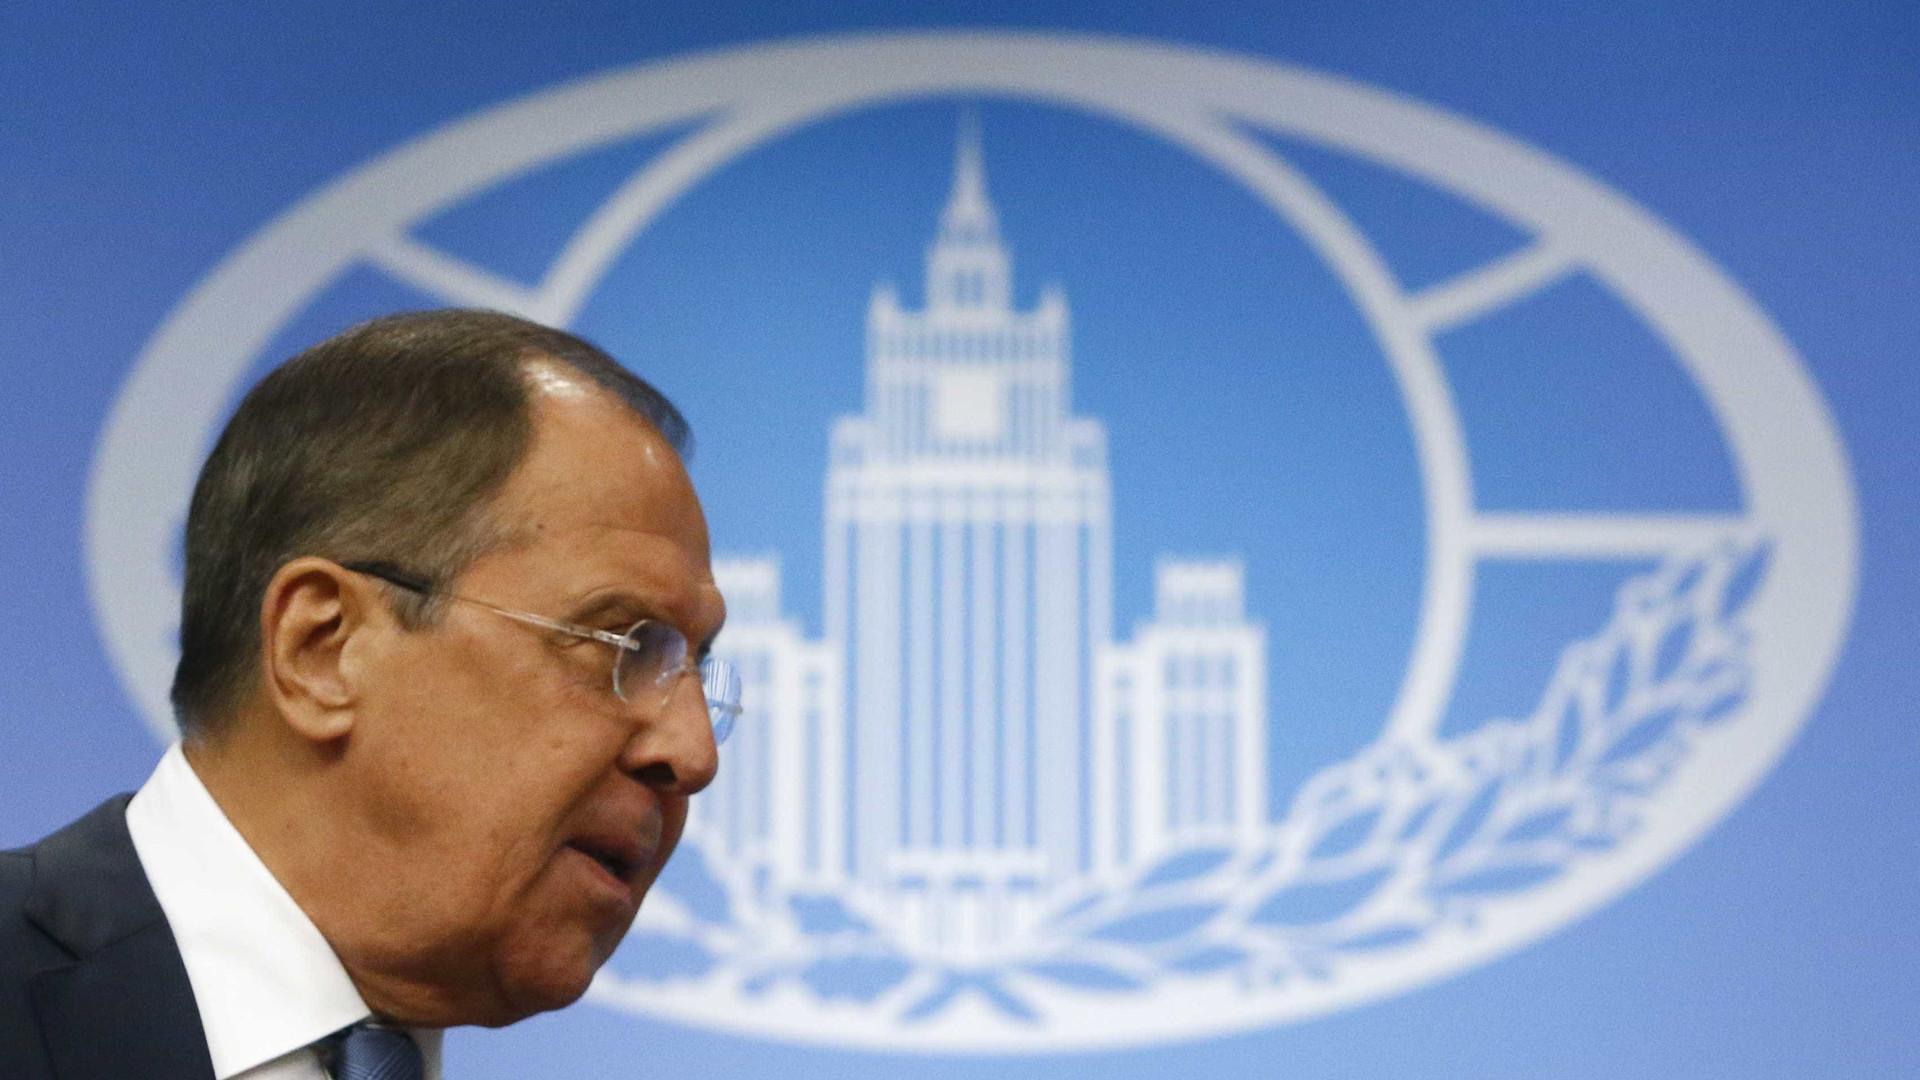 Ministro russo goza com imprensa norte-americana